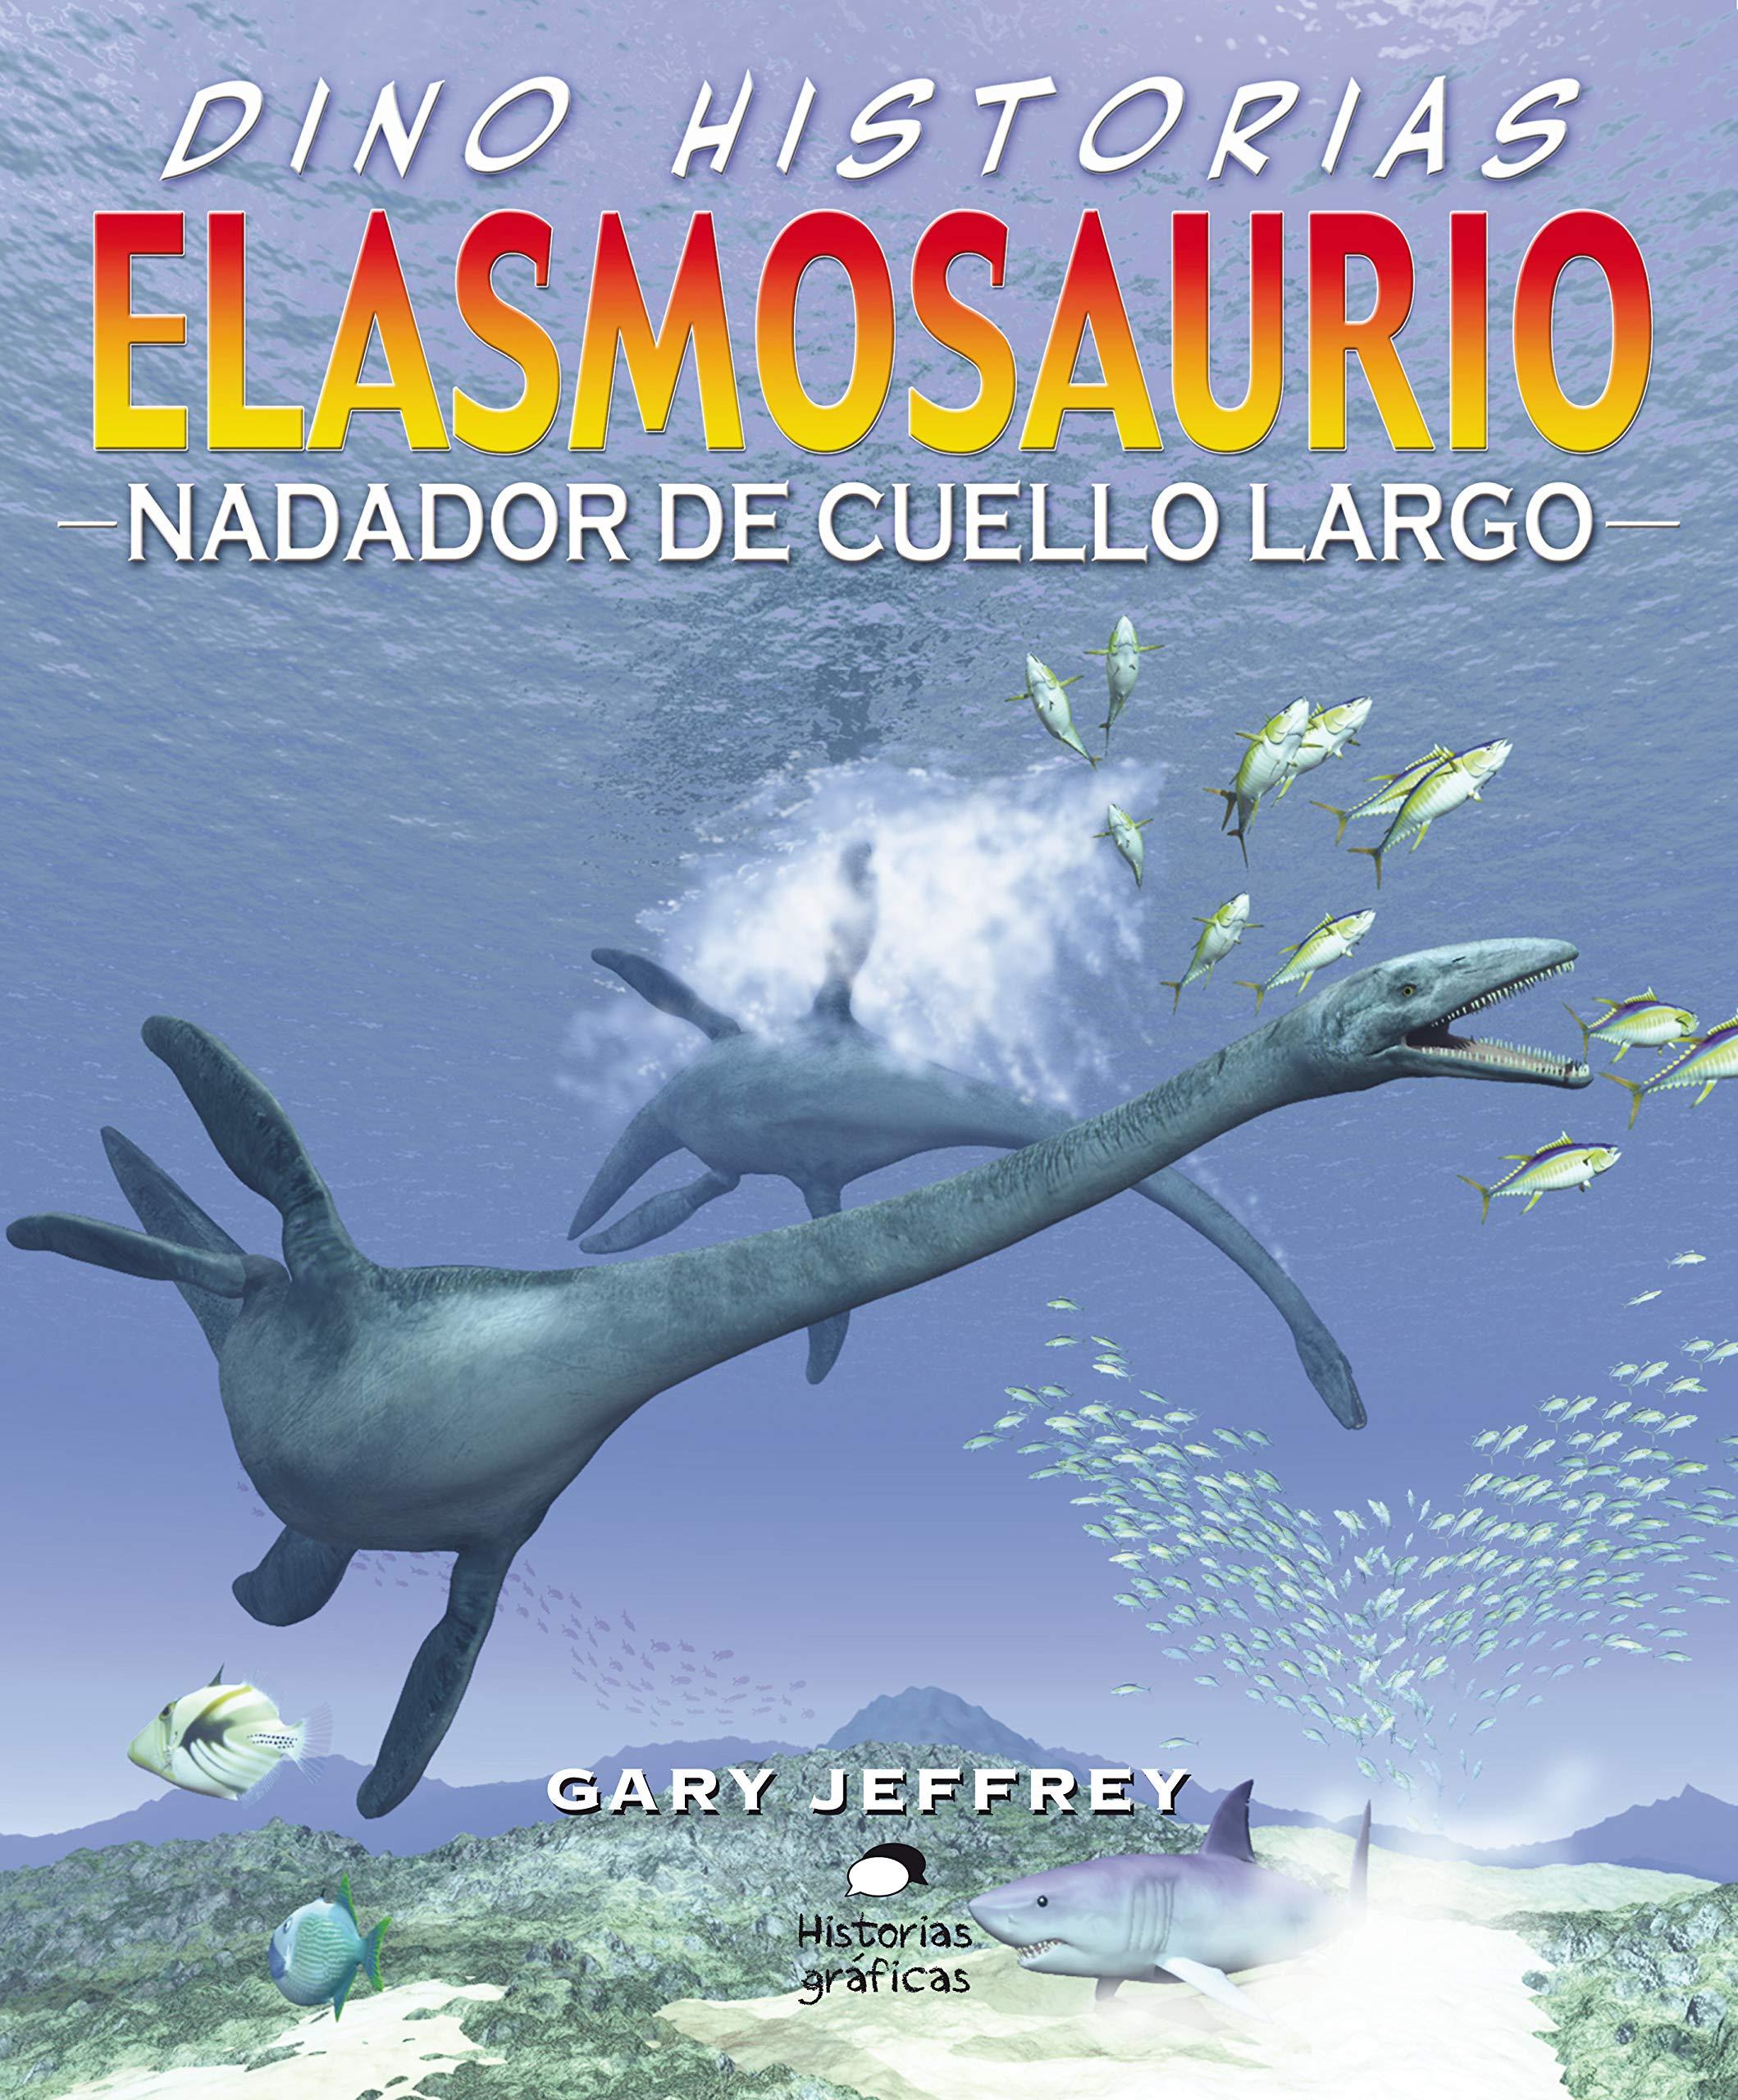 Elasmosaurio (Dino Historias)